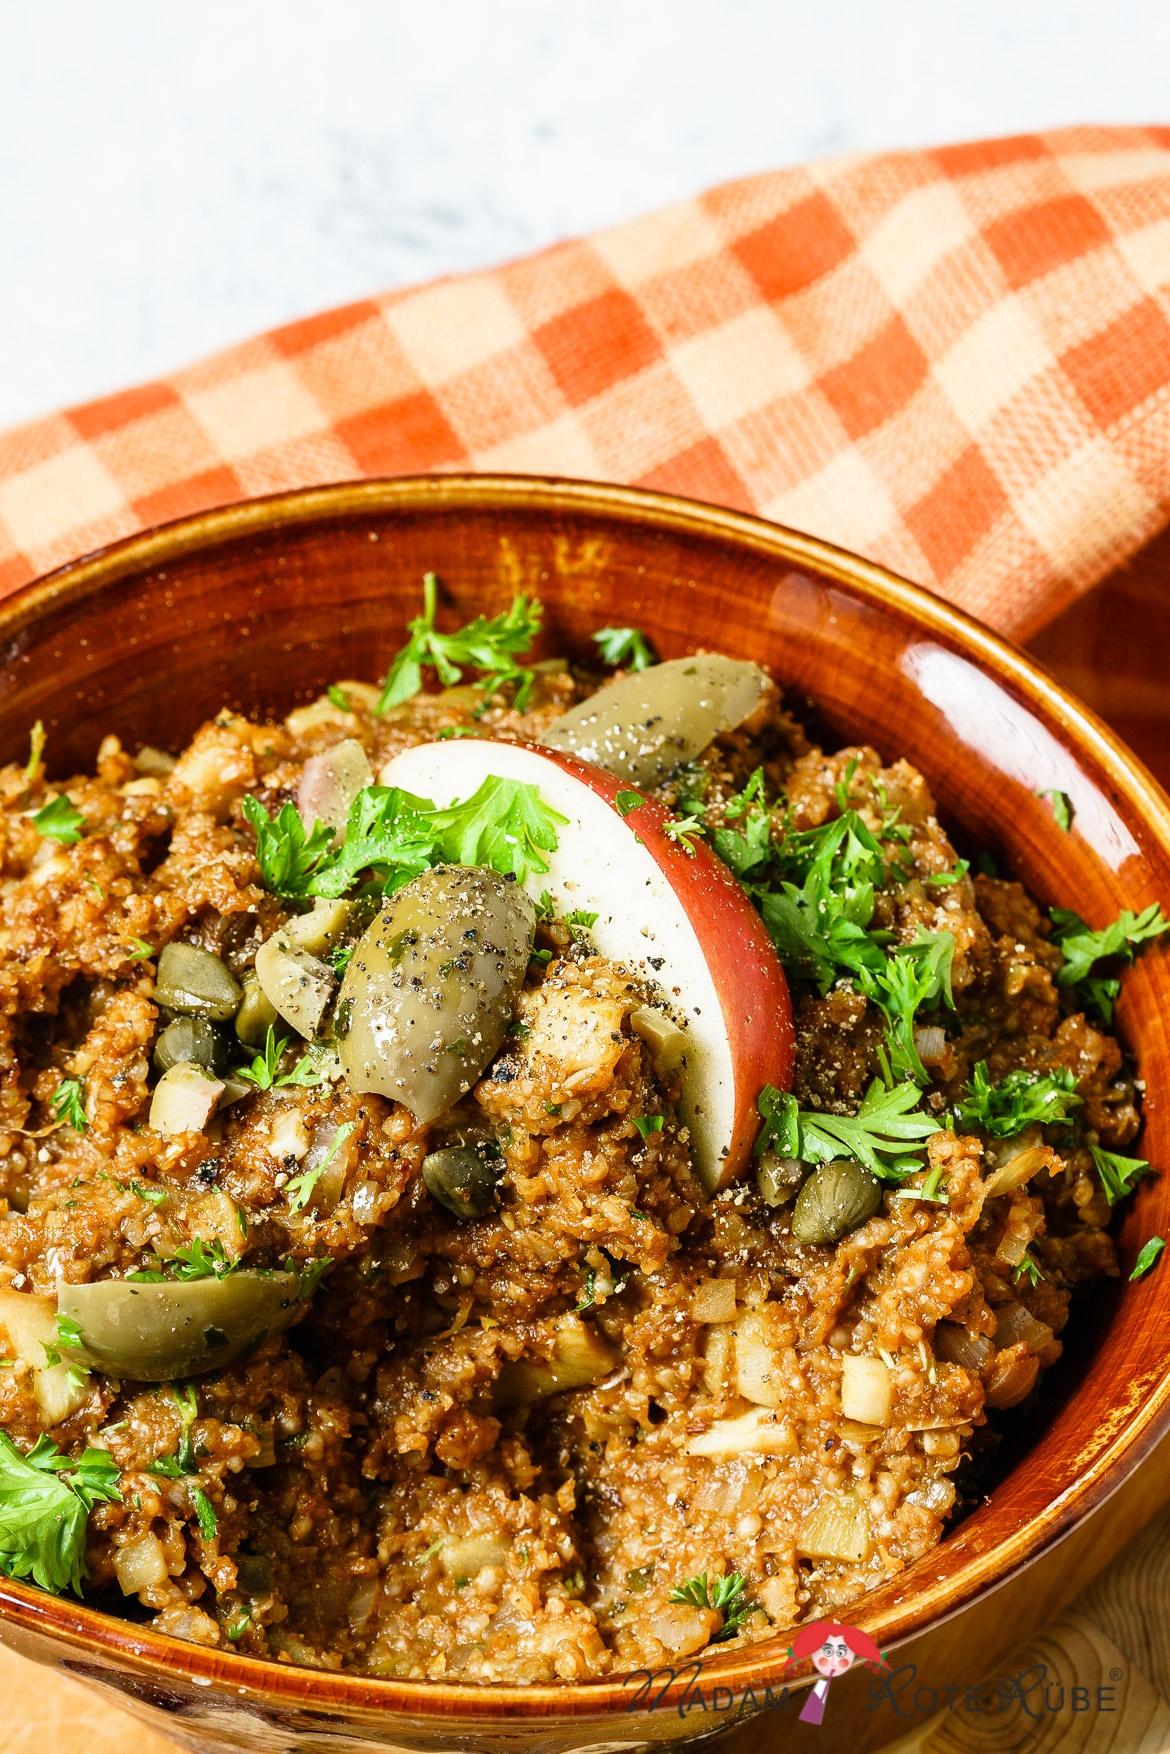 Madam Rote Rübe - Grünkernaufstrich mit Oliven à la Tatar